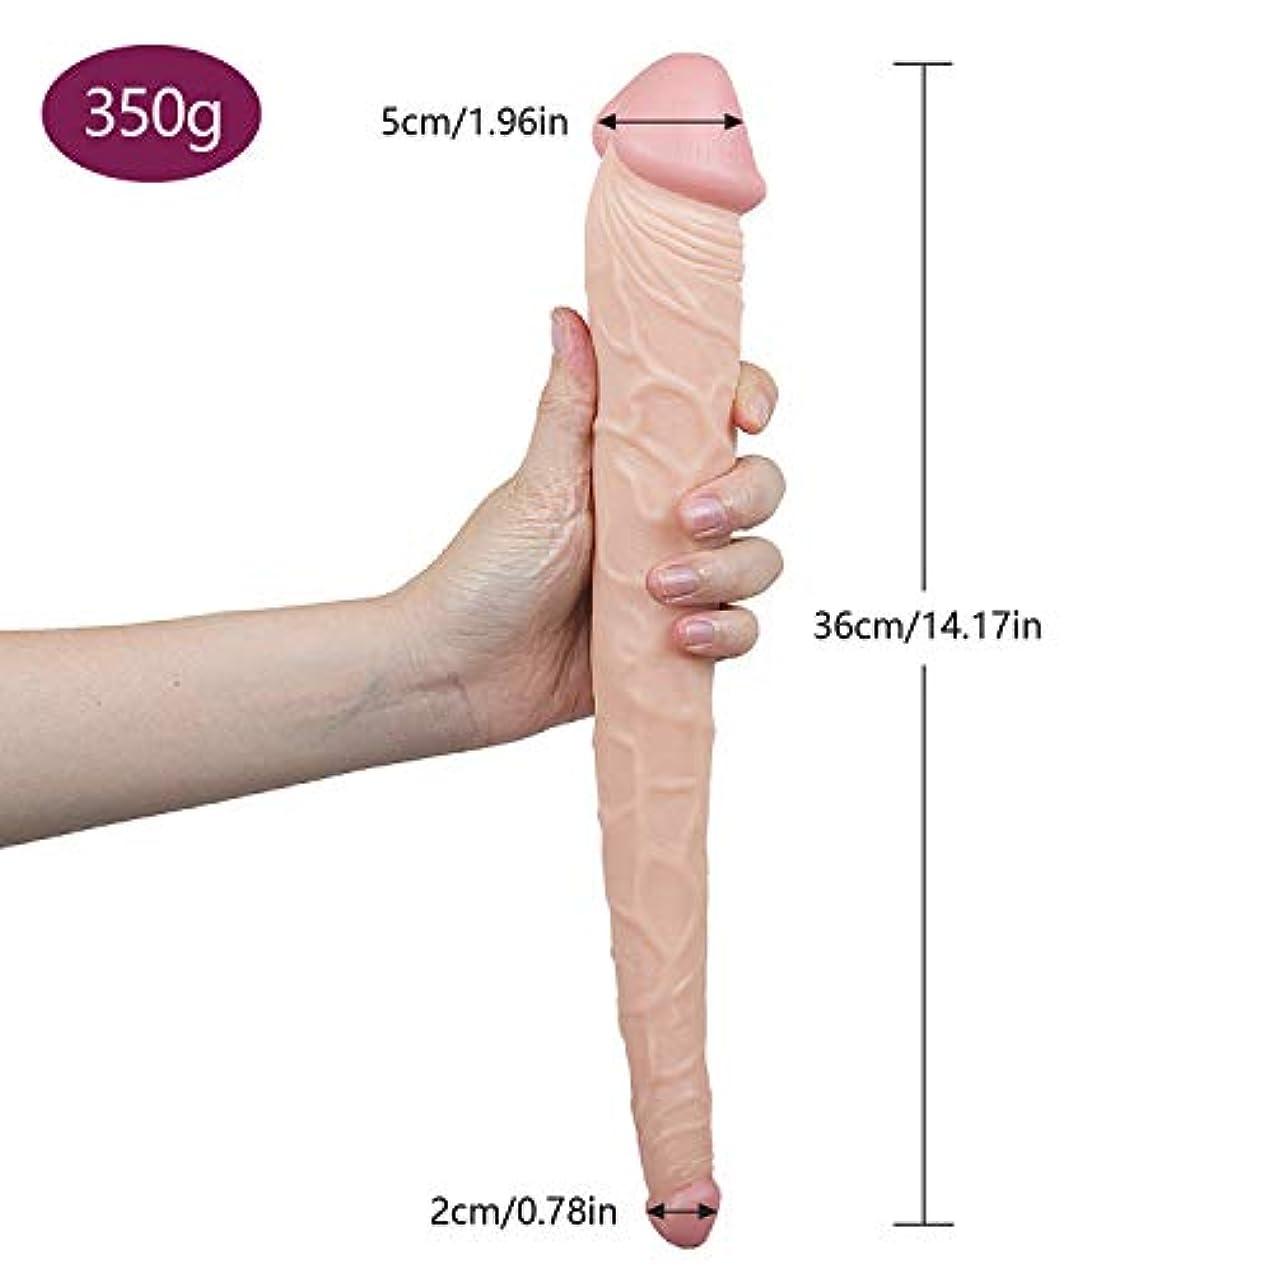 プールトレーニング水銀のペニス 14.17インチの完全なサイズの完全なボディマッサージャーの二重頭の側面のマッサージャーのおもちゃ マッサージャー